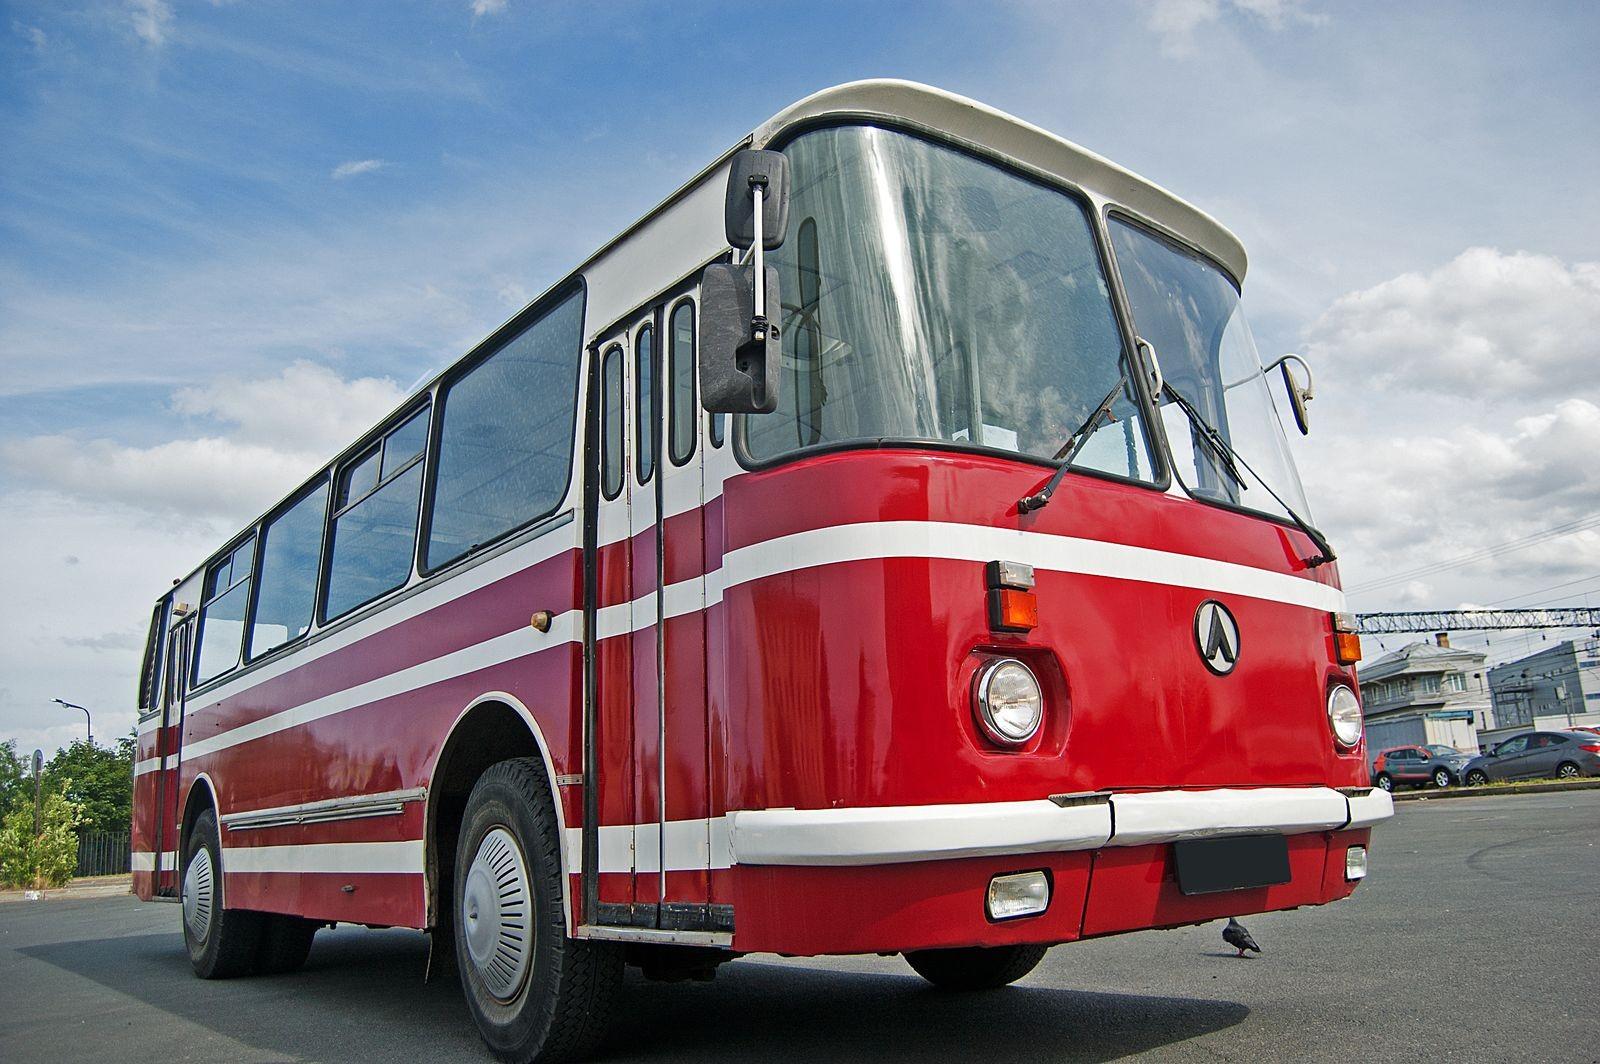 Хороший ты парень, Наташка: тест-драйв автобуса ЛАЗ 695Н